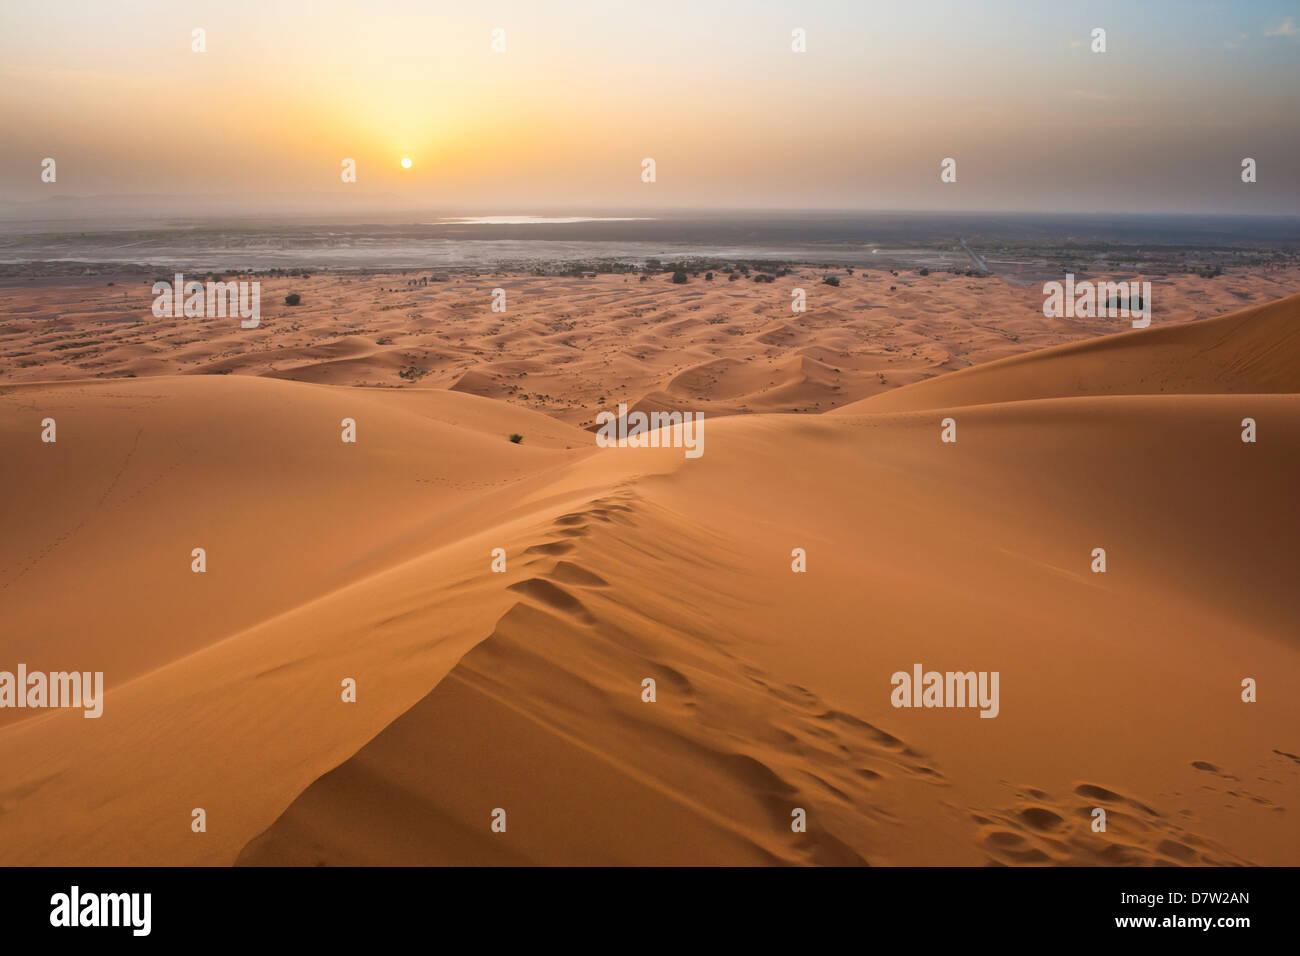 Coucher de soleil au désert de l'Erg Chebbi le haut d'une dune de sable de 150 m, désert du Sahara, Photo Stock